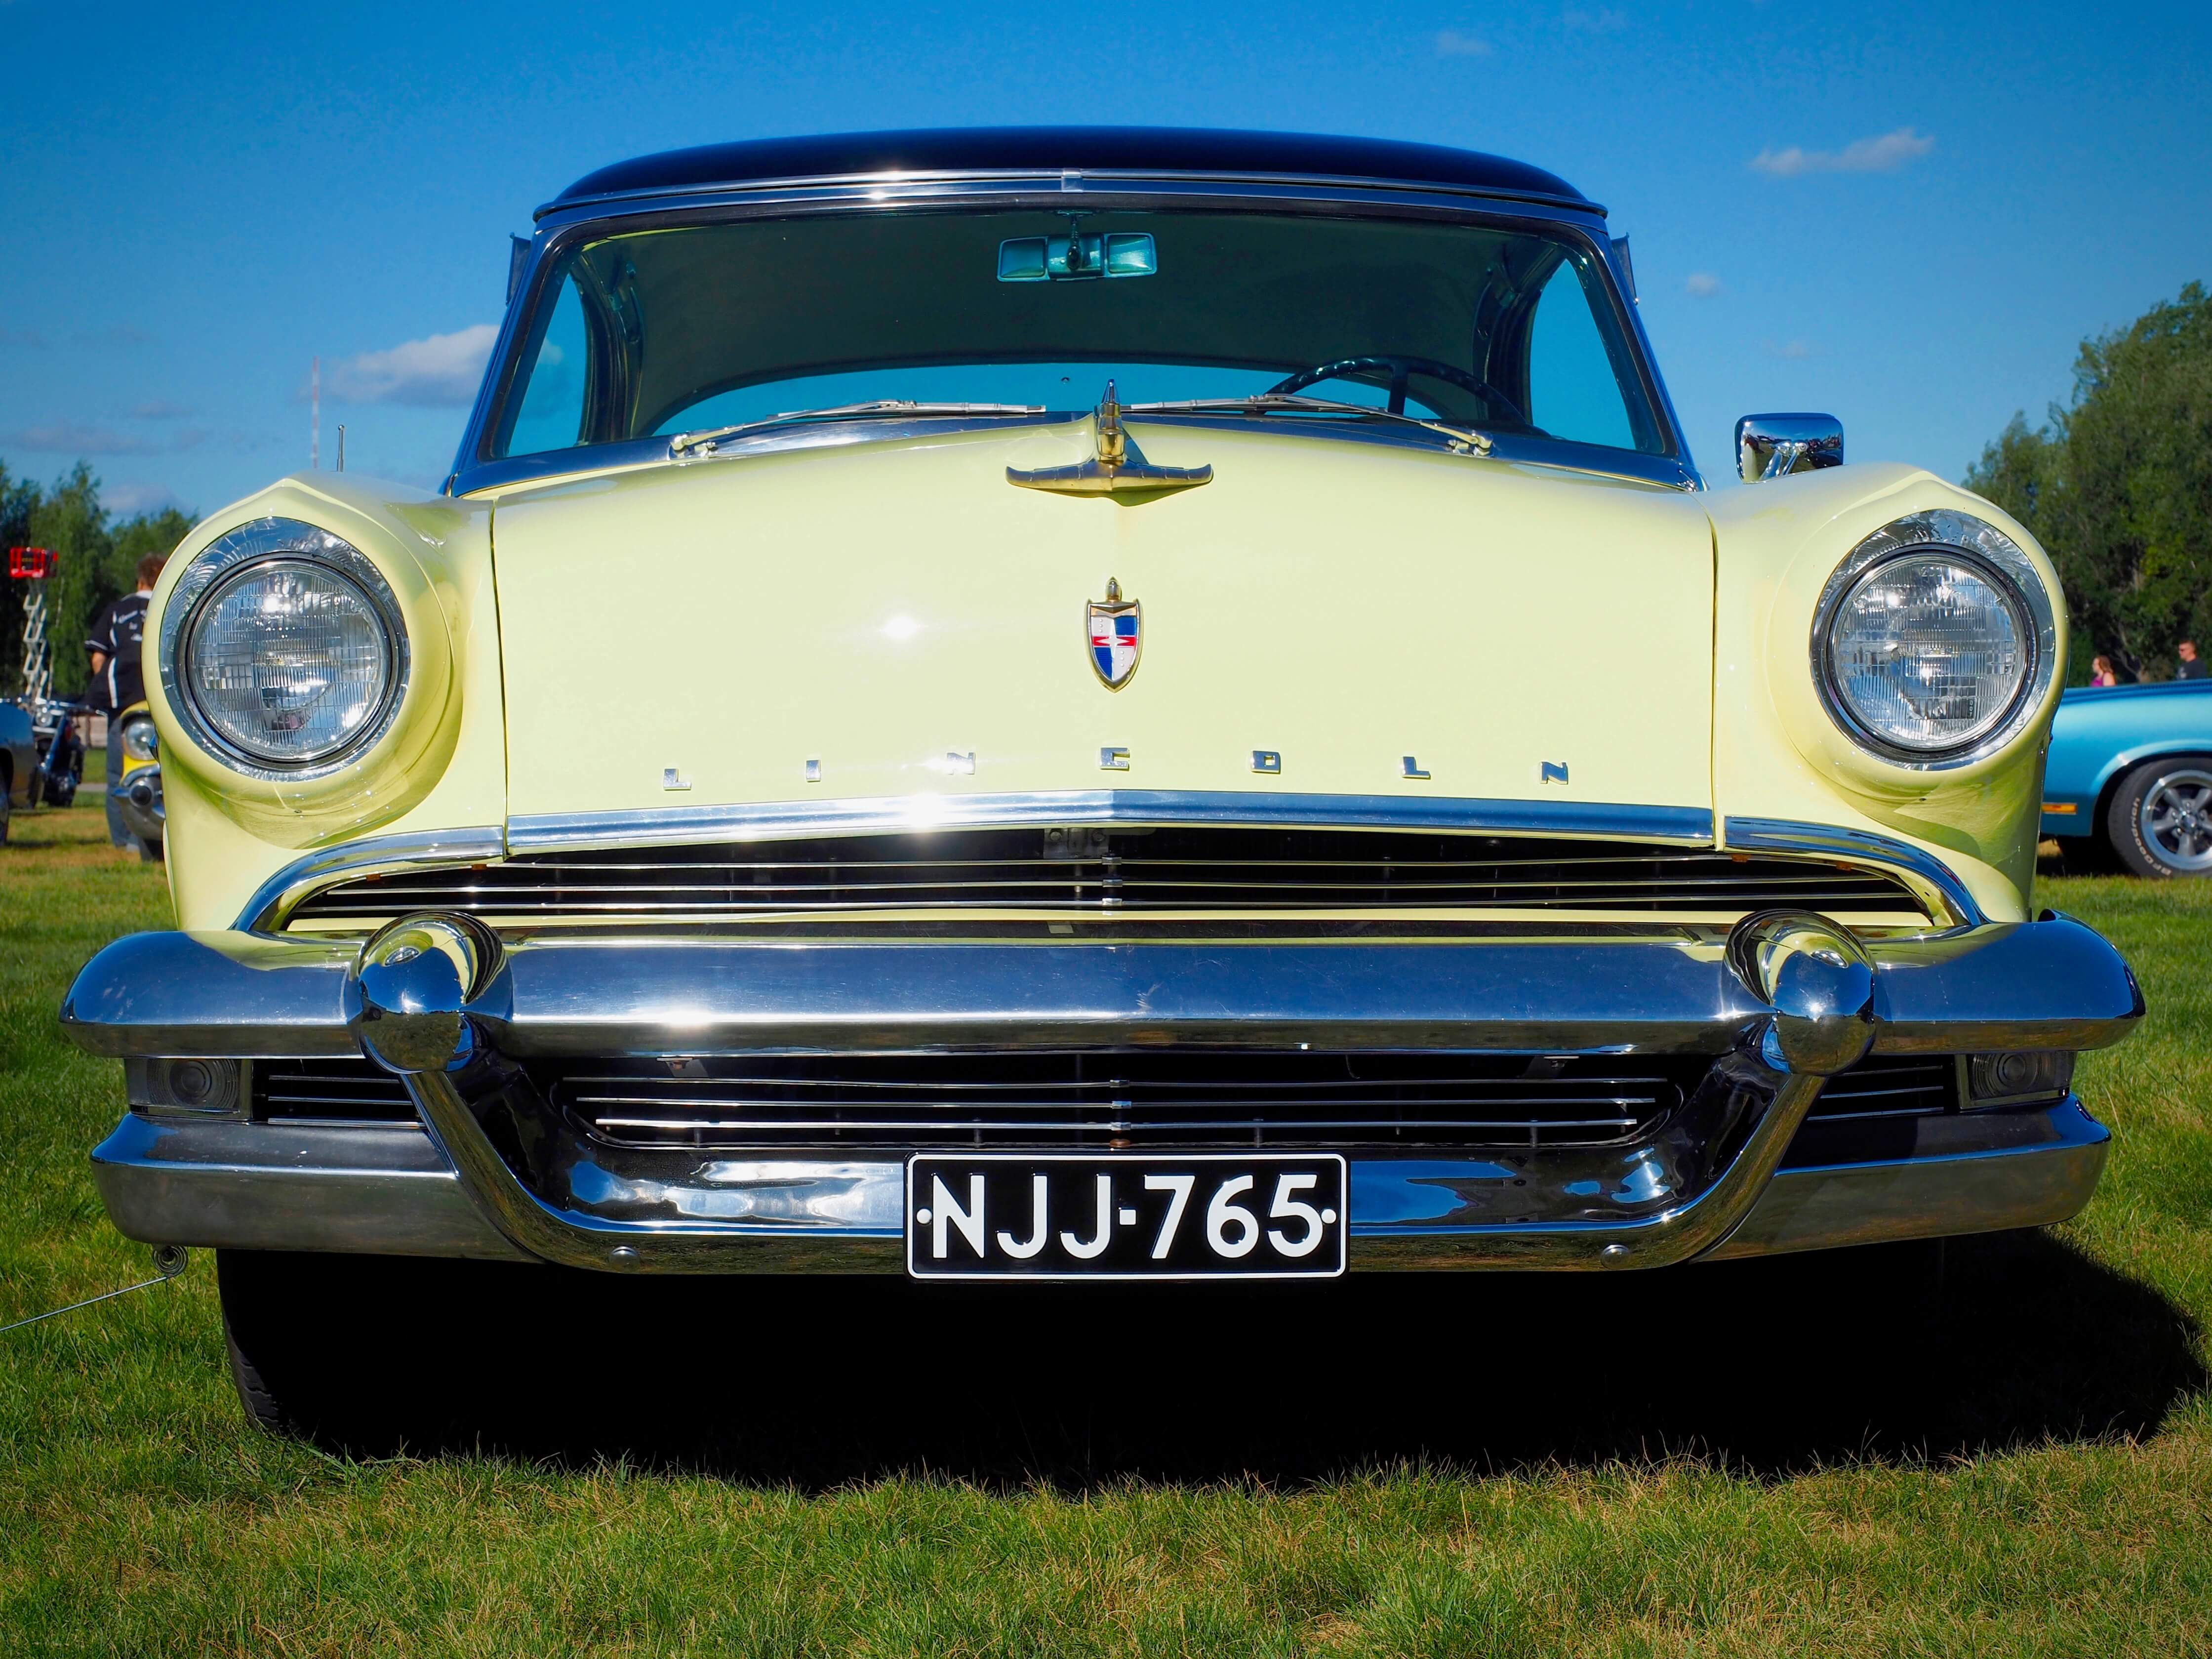 1955 Lincoln Capri 2d Coupe 34cid. Kuvan tekijä: Kai Lappalainen. Lisenssi: CC-BY-40.